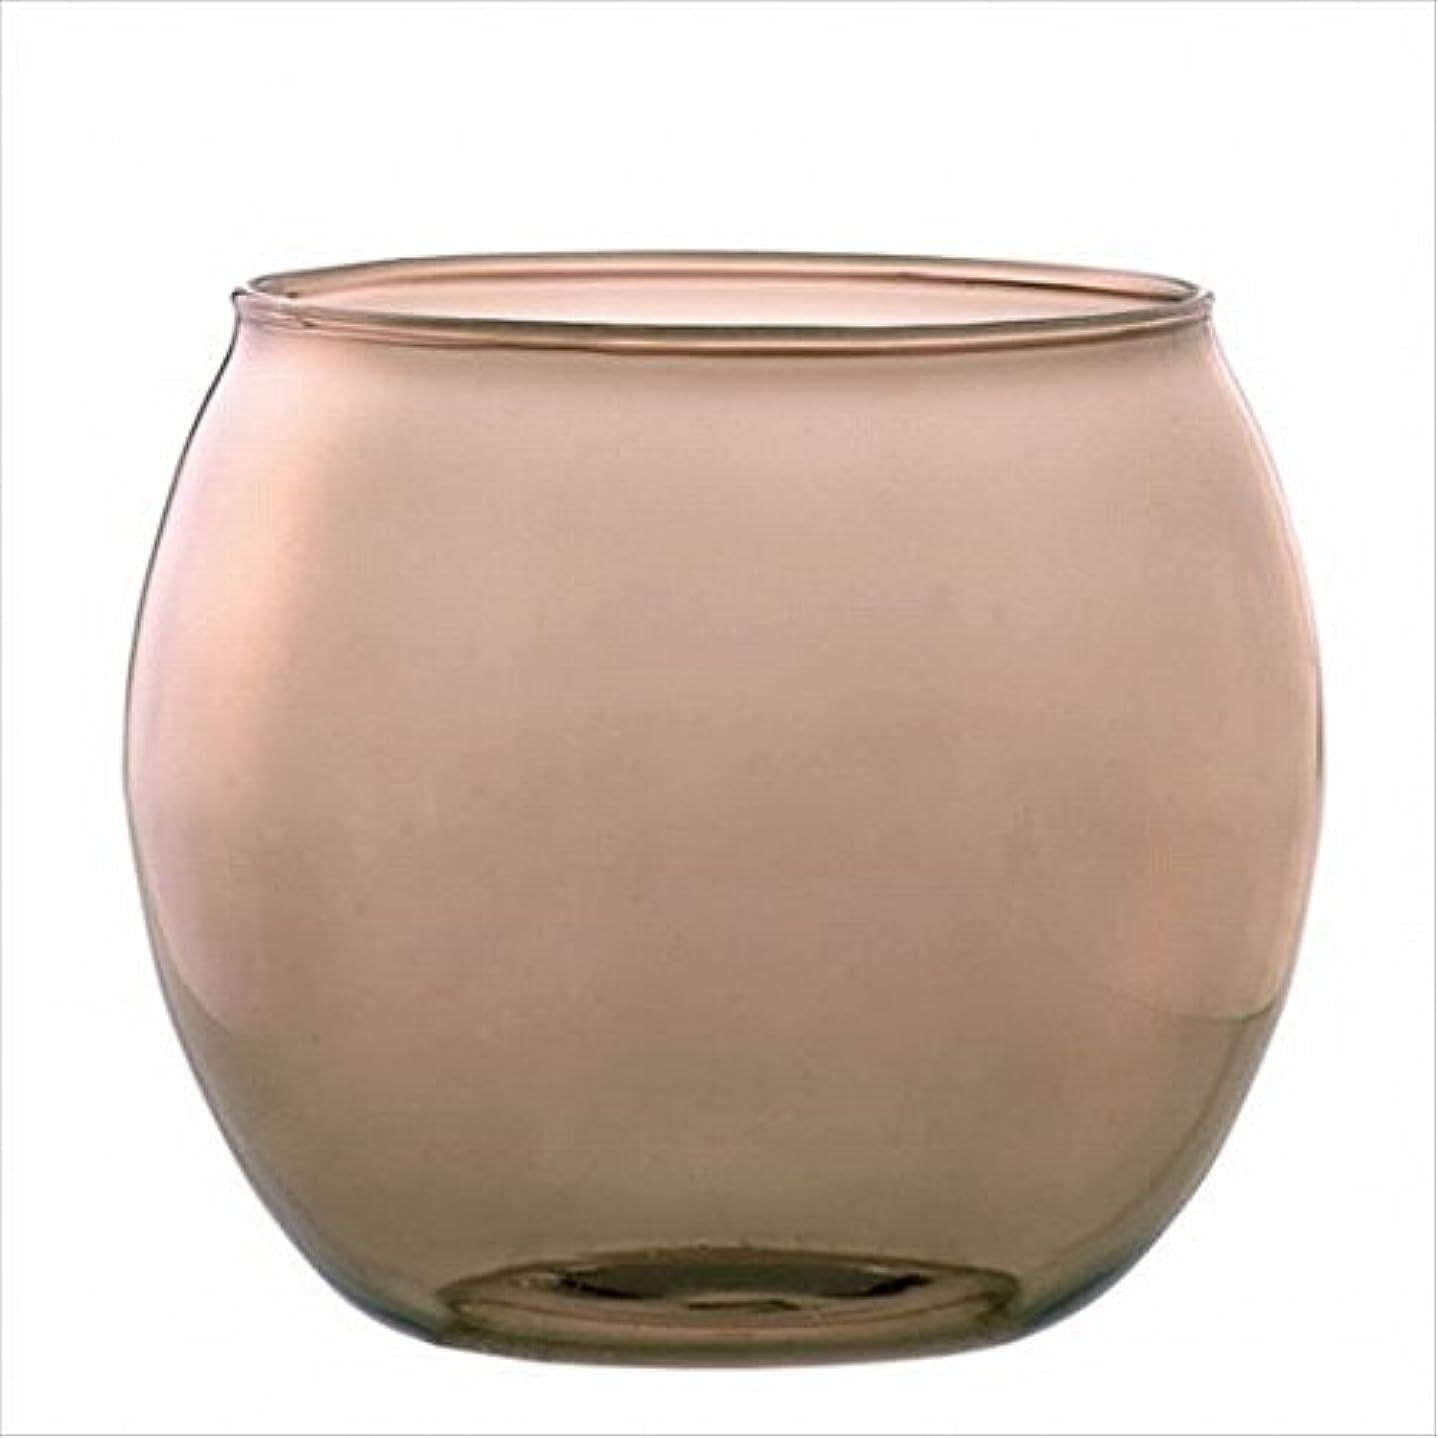 油レオナルドダうがいカメヤマキャンドル(kameyama candle) スフィアキャンドルホルダー 「 ベージュ 」